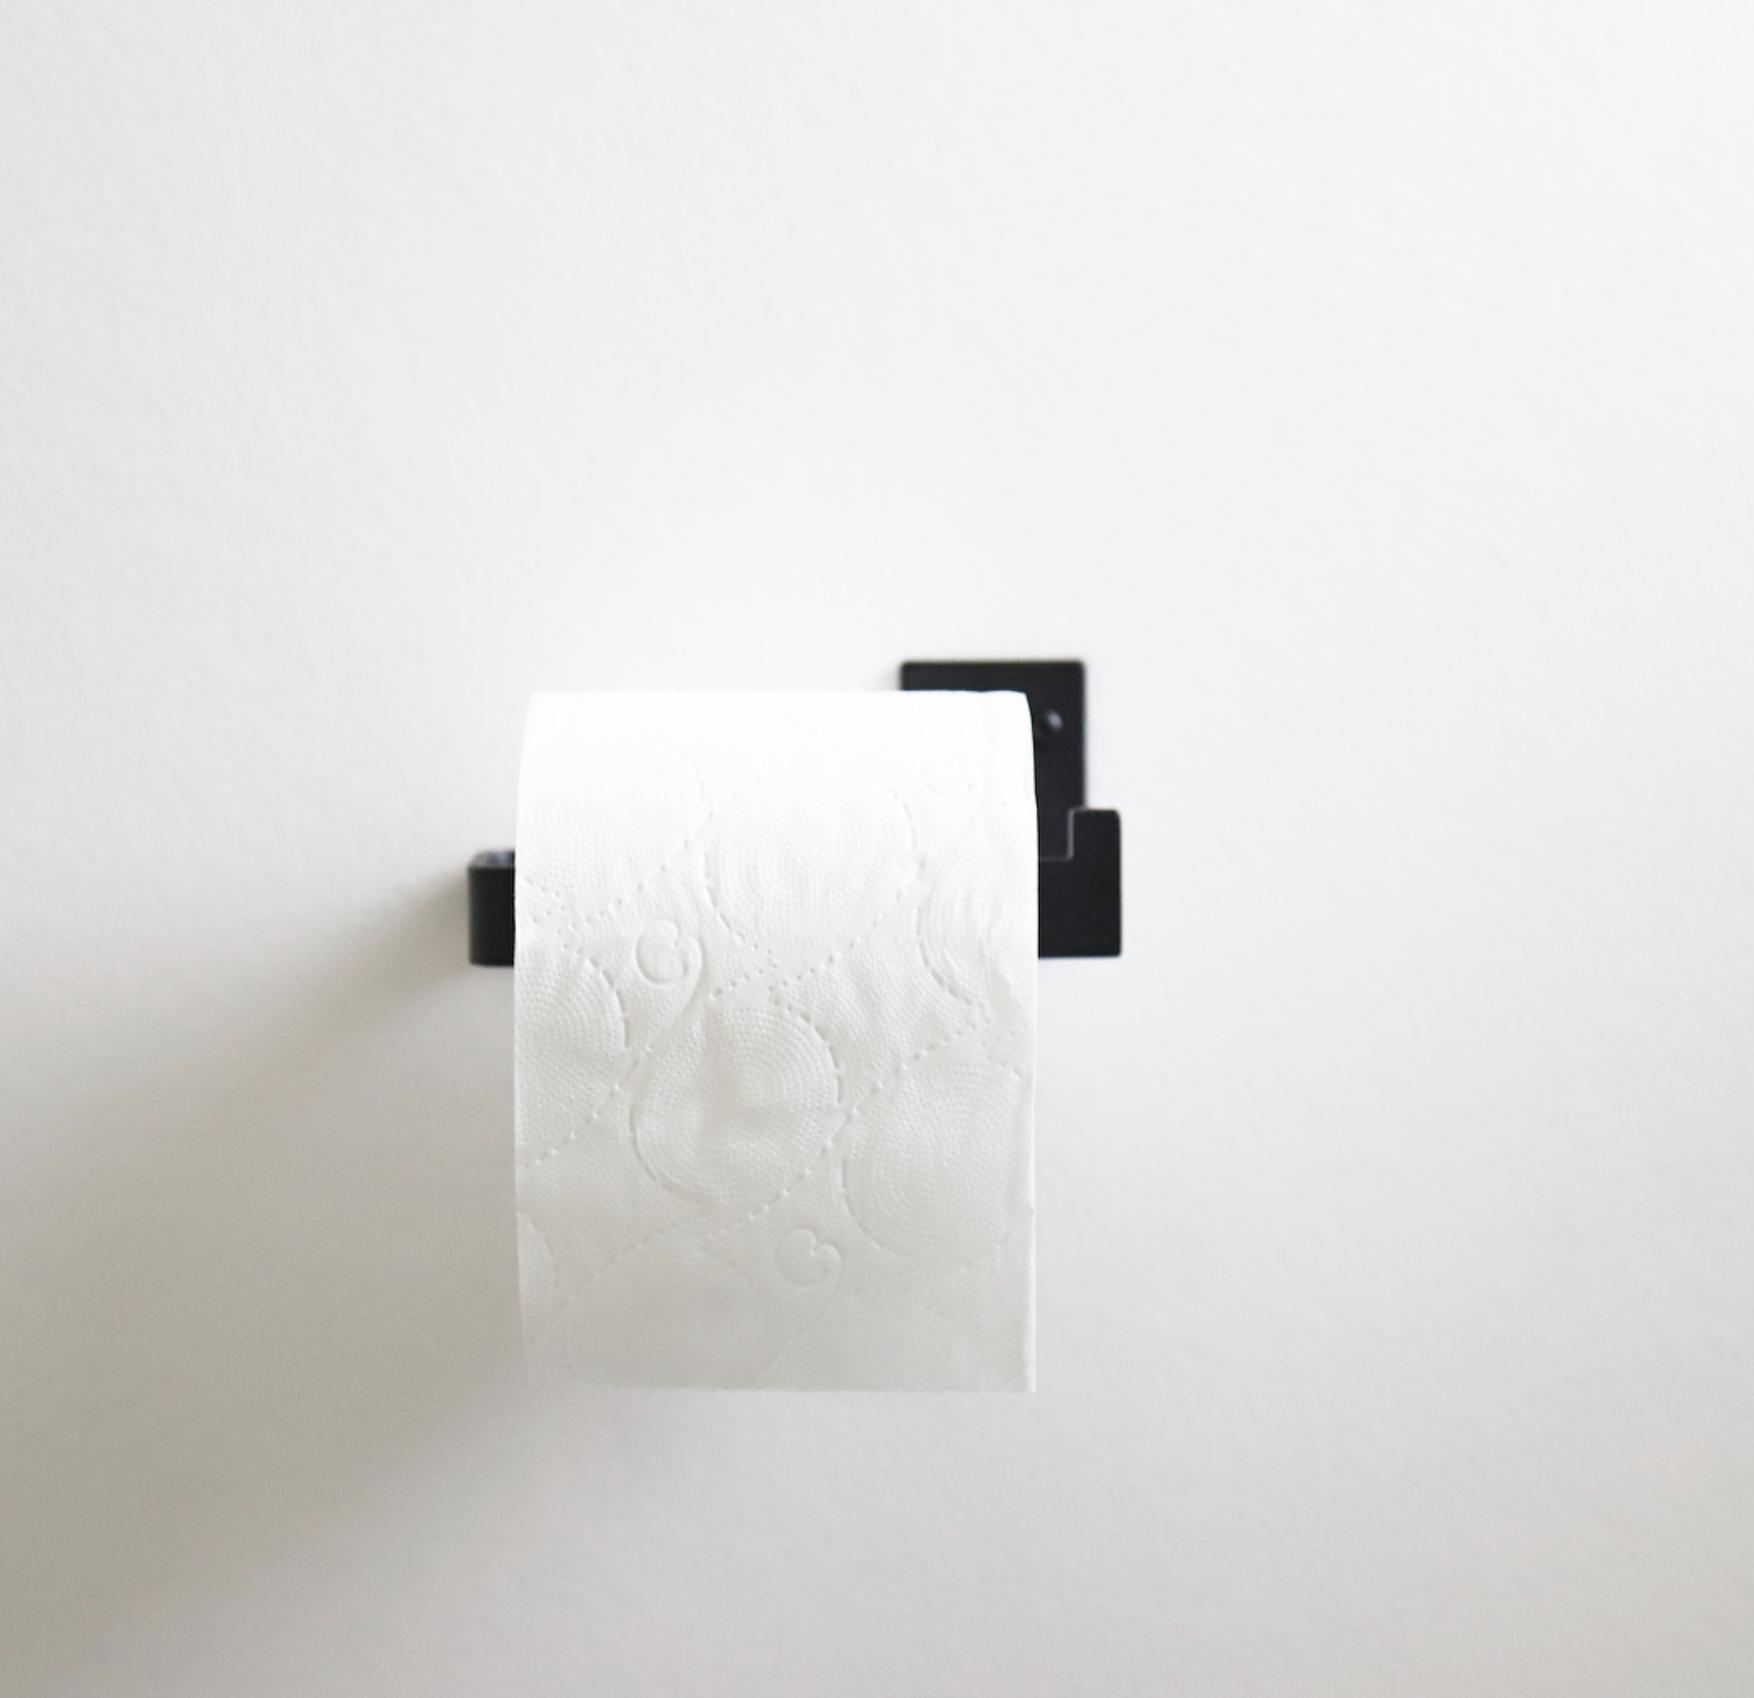 Papel higiénico extra lujo - NEUTRO - 30 mts - hoja simple